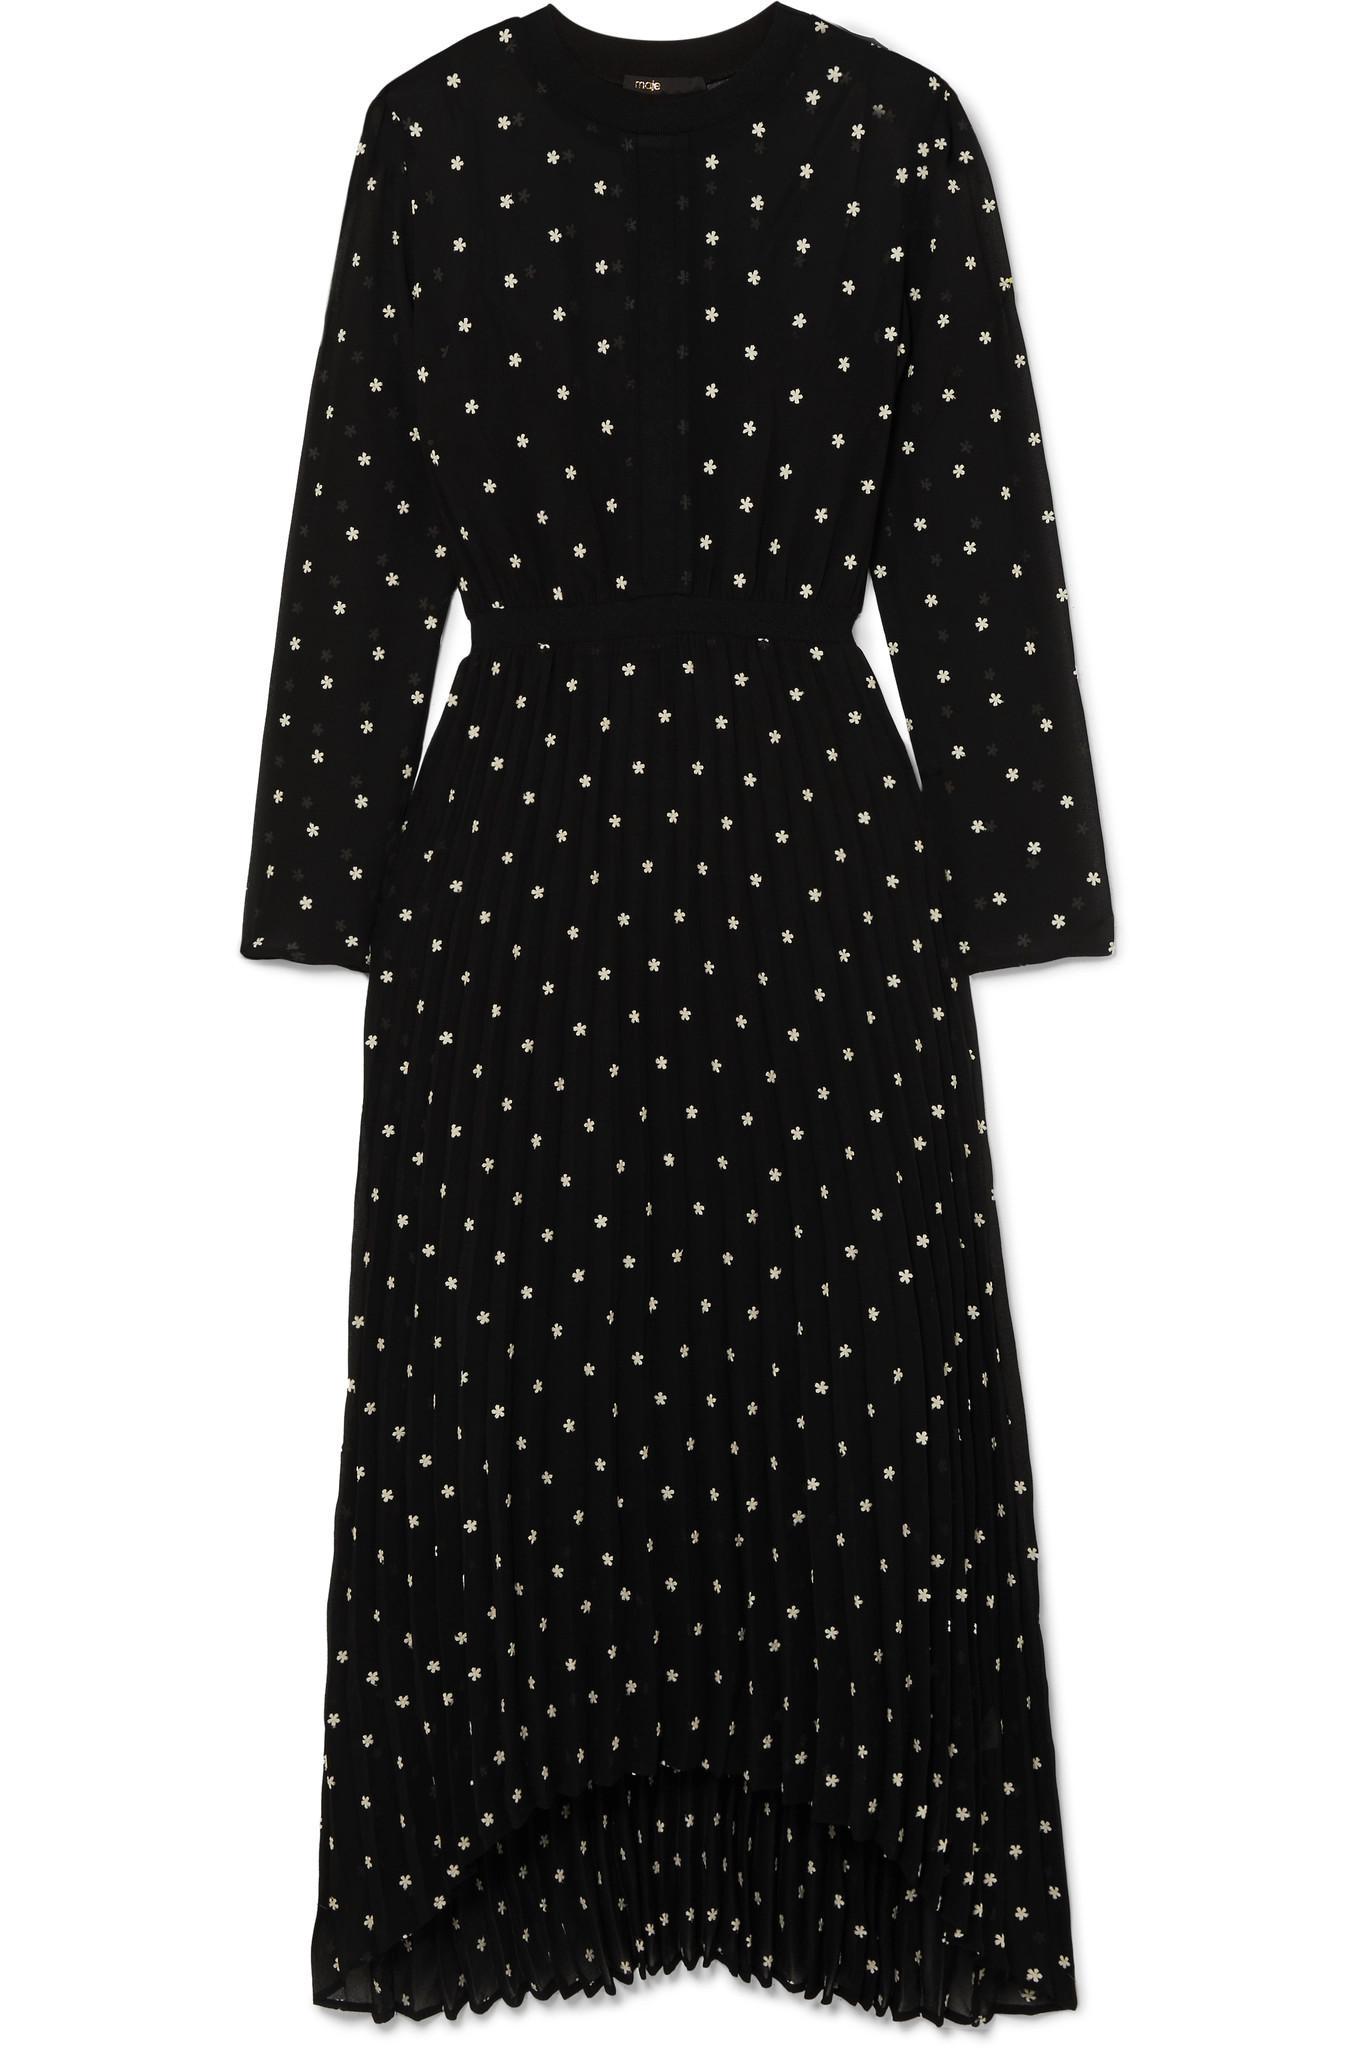 32db82f056 Maje Embroidered Chiffon Midi Dress in Black - Lyst